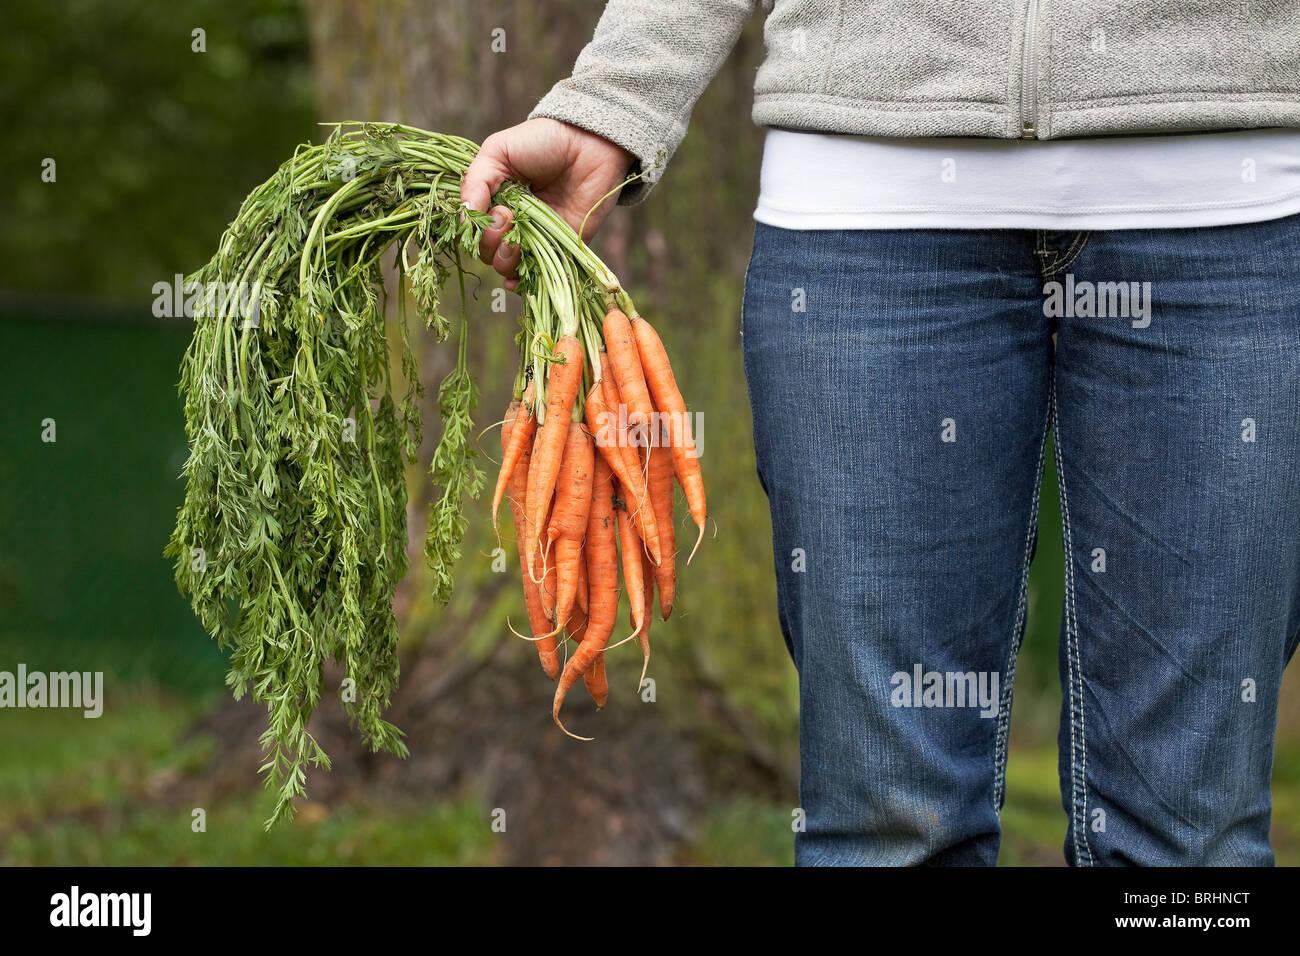 Femme tenant un bouquet de carottes biologiques fraîchement cueillies du jardin. Winnipeg, Manitoba, Canada. Photo Stock